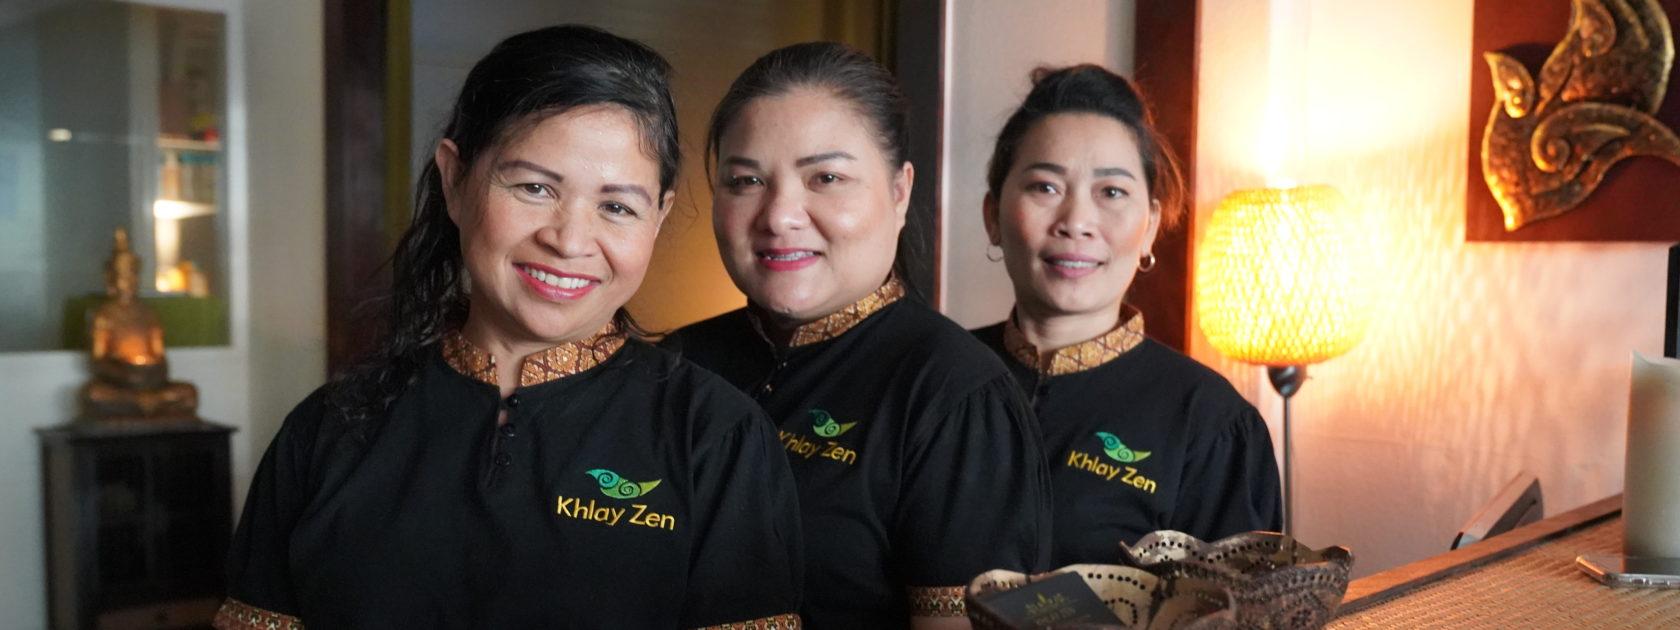 Voor heerlijke ontspanning boek je een Thaise Massage. Dit kan bijvoorbeeld bij Khlay Zen in Rotterdam.